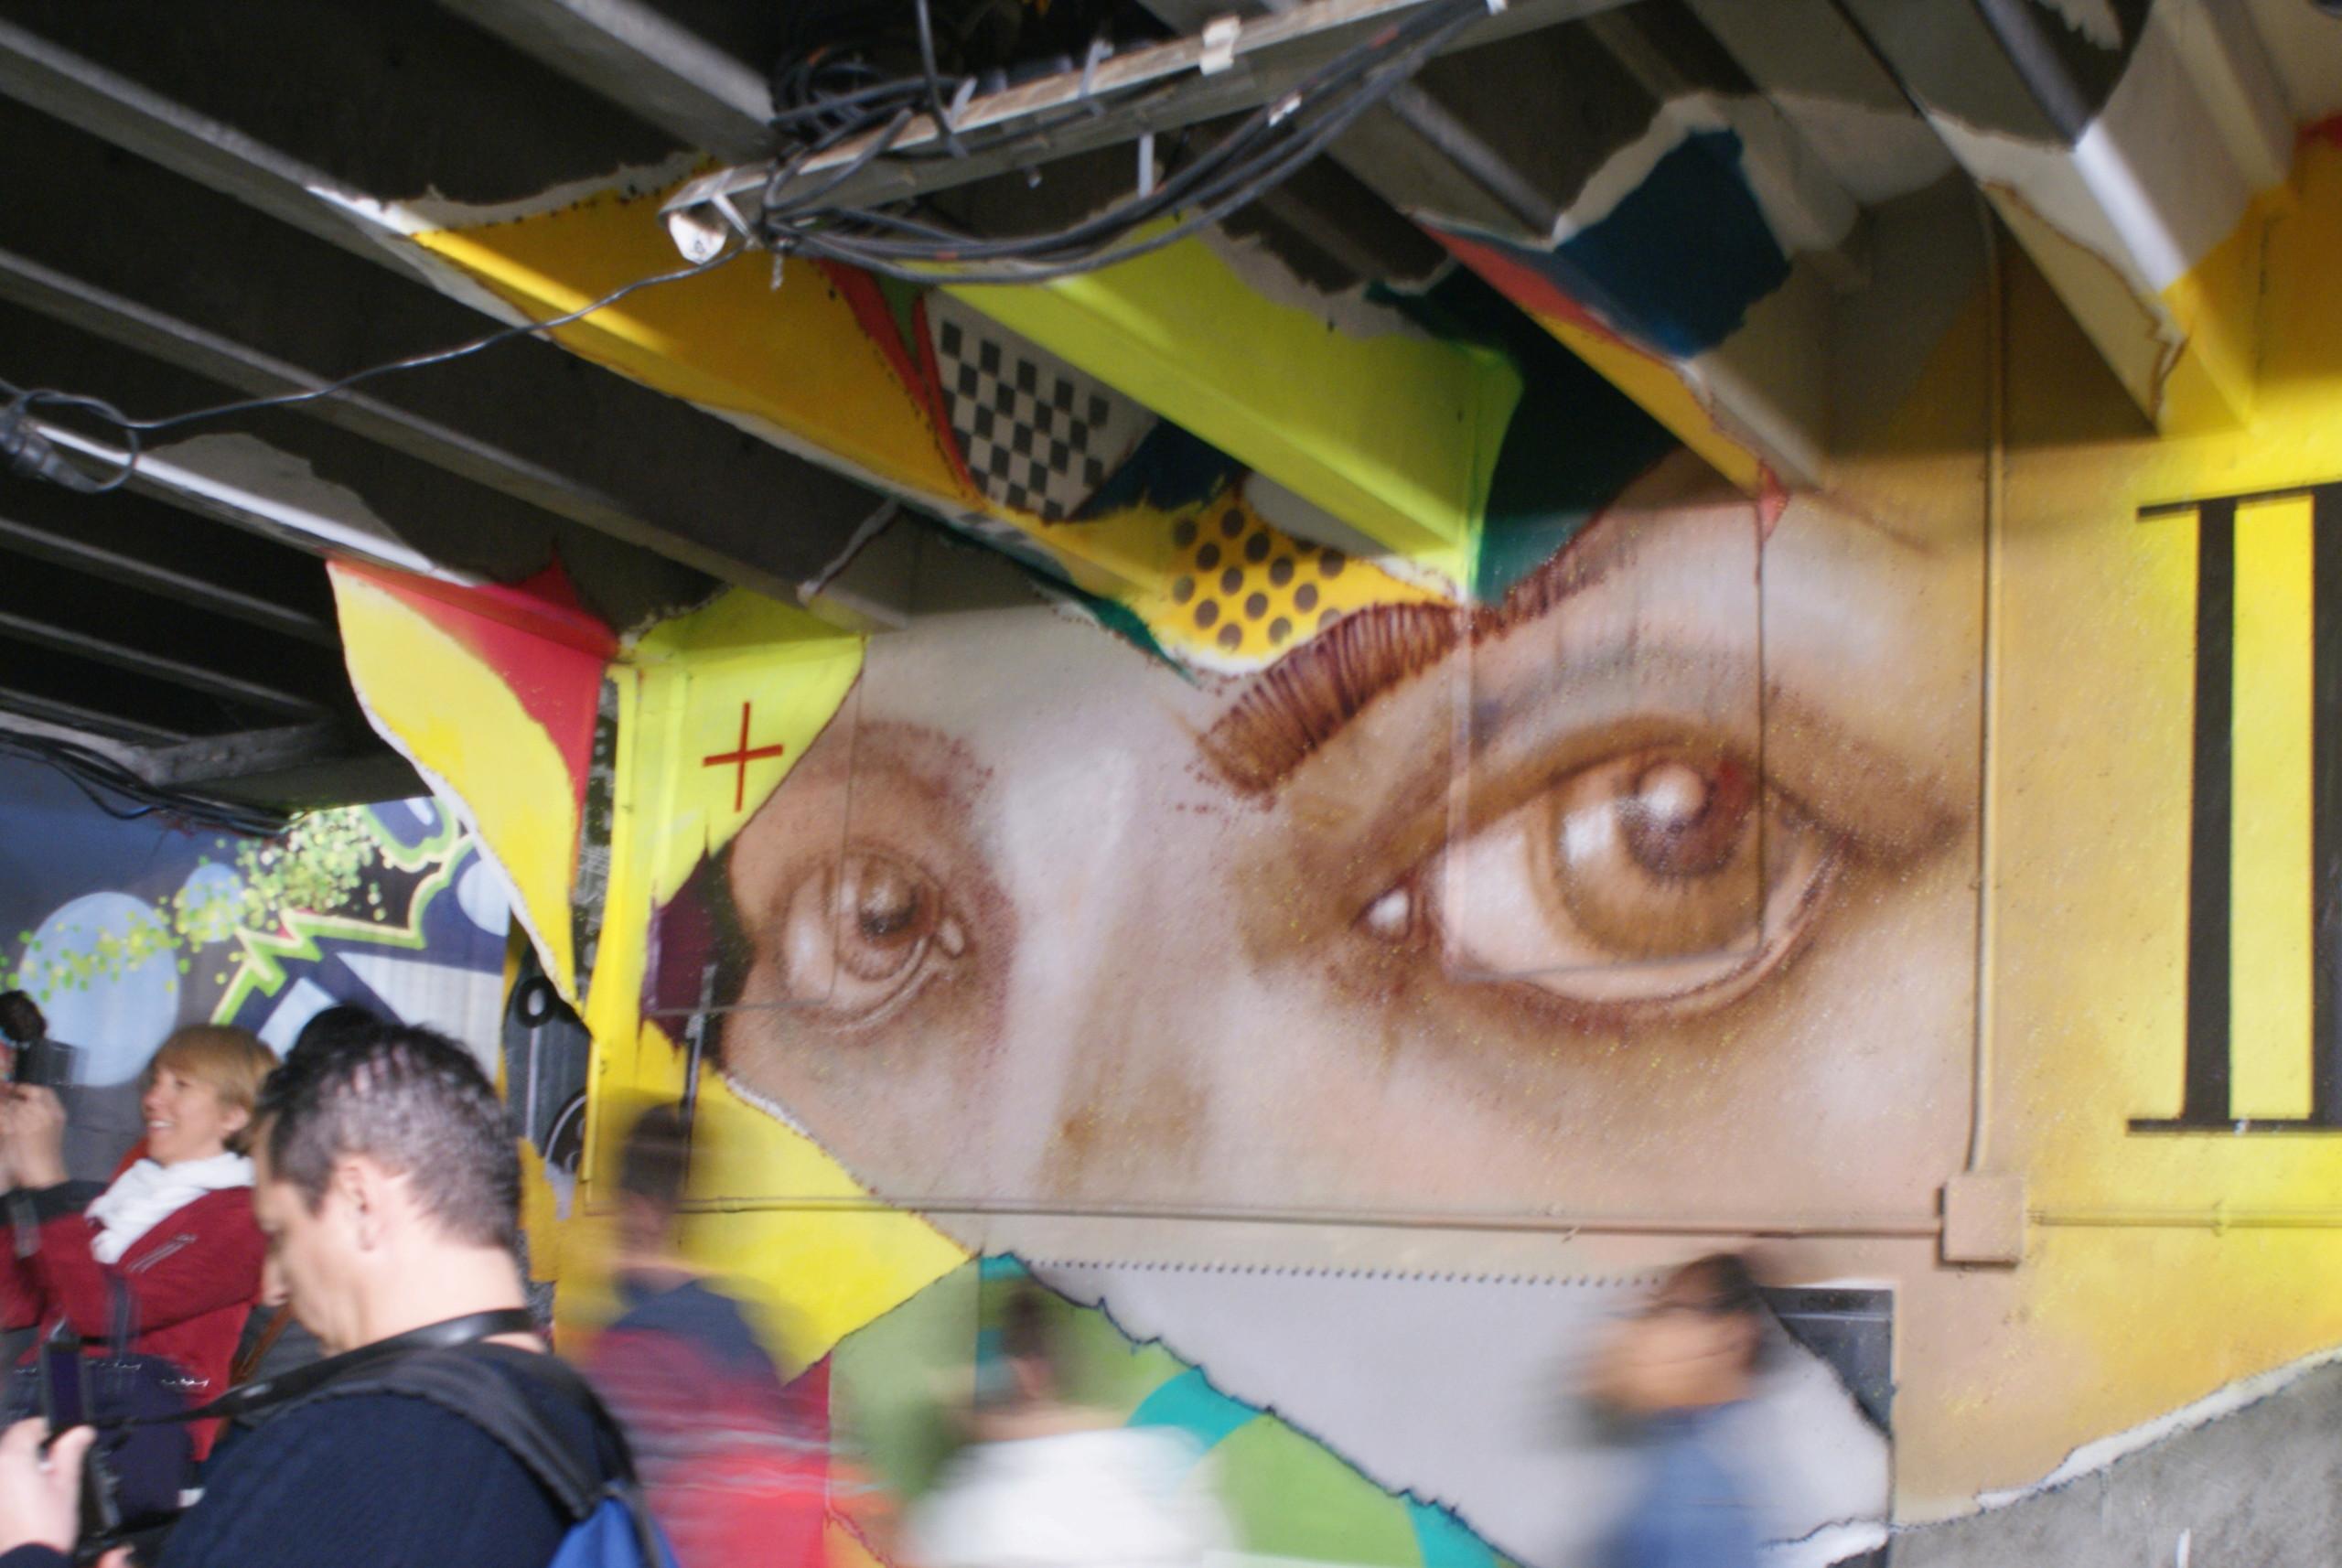 [street art-rue et manifs] Peinture fraîche, à Lyon 2019 - Page 3 Dsc05135